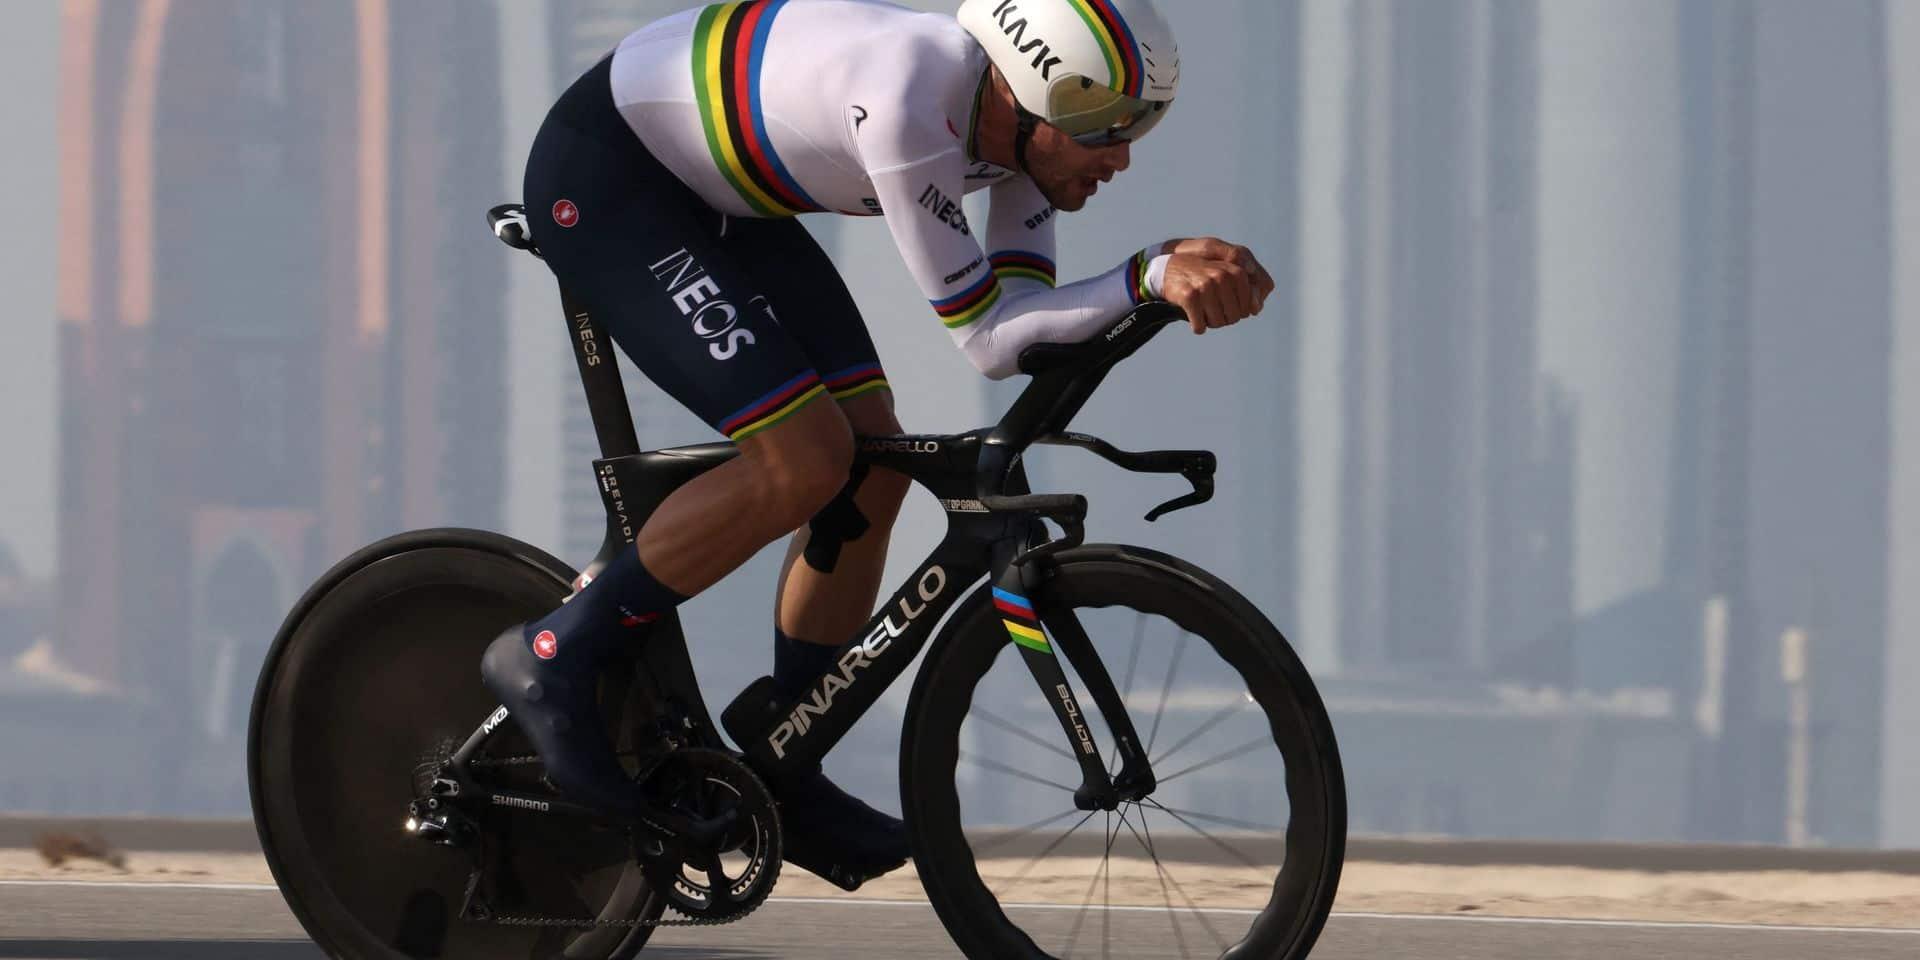 Tour des Emirats arabes unis: Filippo Ganna remporte la 2e étape, Tadej Pogacar prend la tête du général